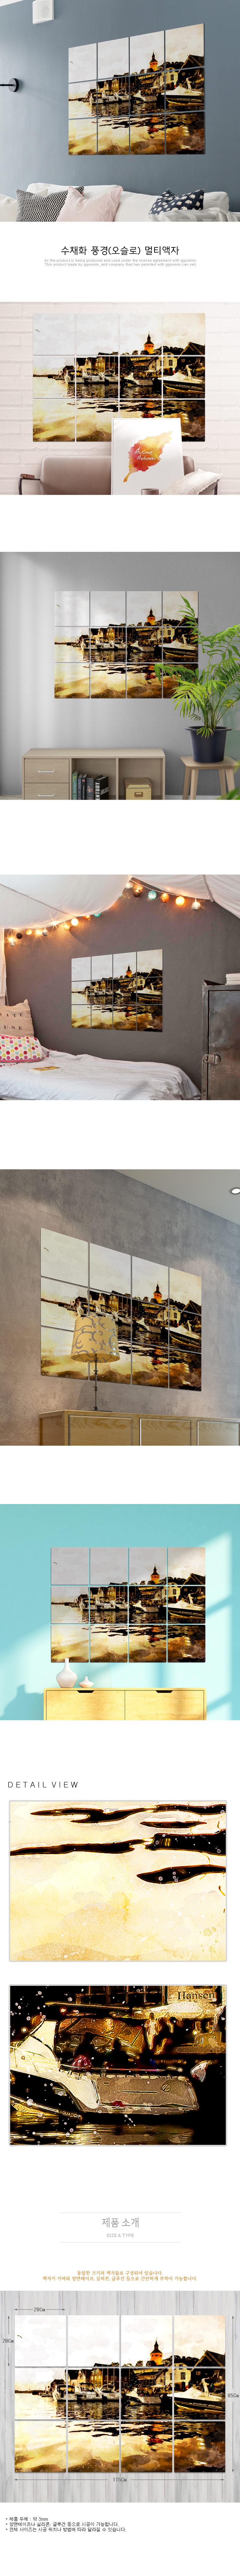 멀티액자_수채화풍경(오슬로) - 꾸밈, 74,000원, 홈갤러리, 사진아트